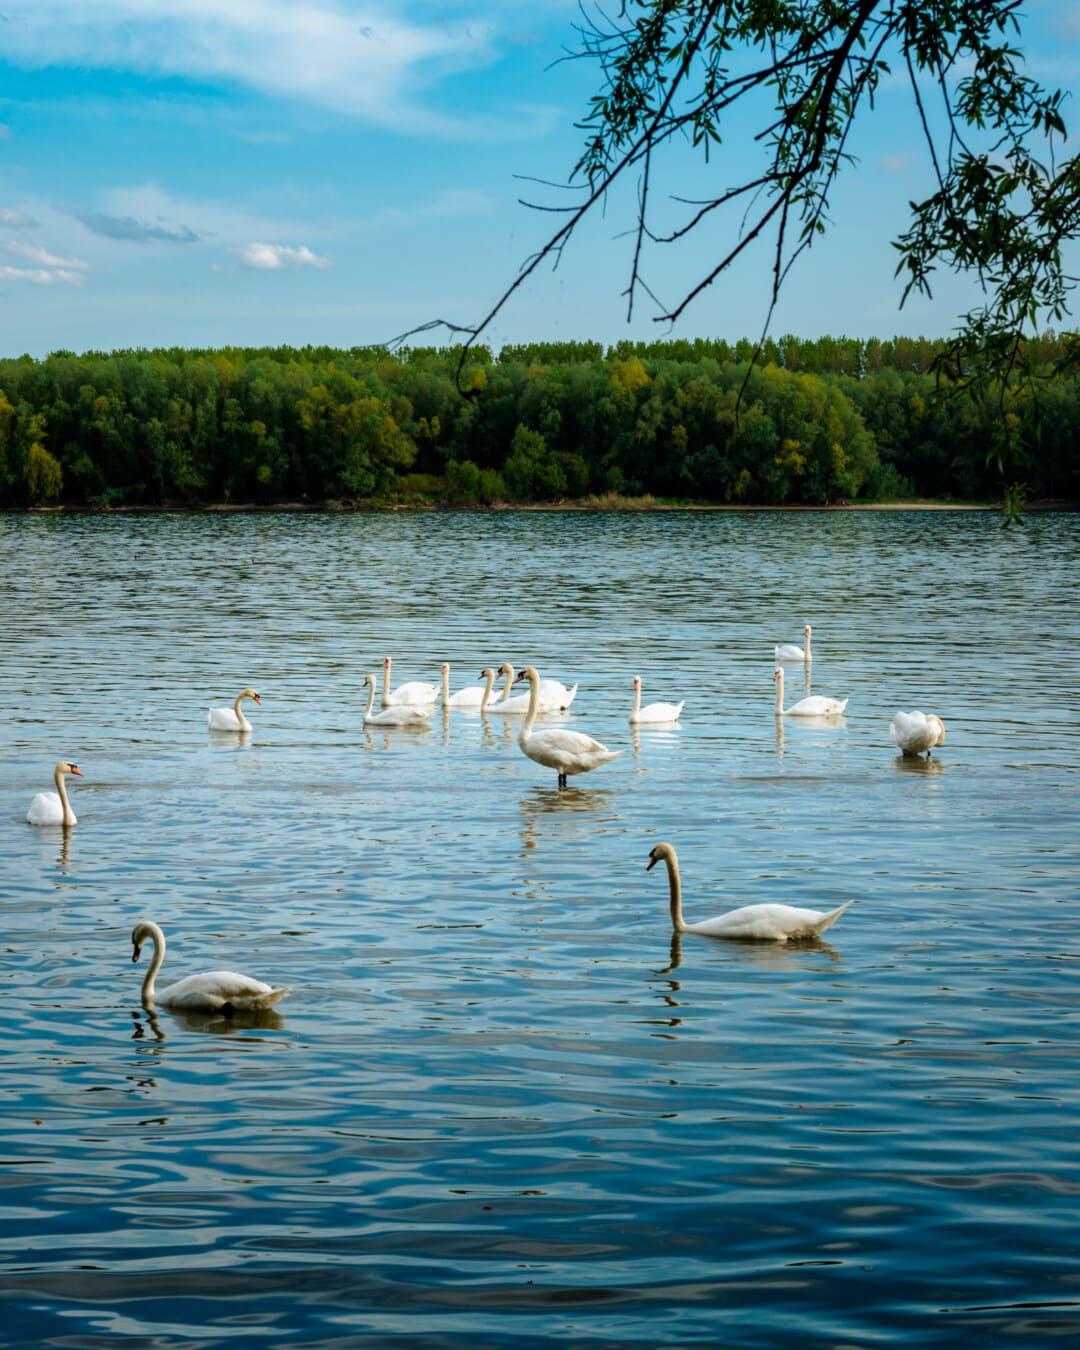 Schwan, Danube, Fluss, Herde, natürlichen Lebensraum, Wasservögel, Vogel, aquatische Vogel, See, Wasser